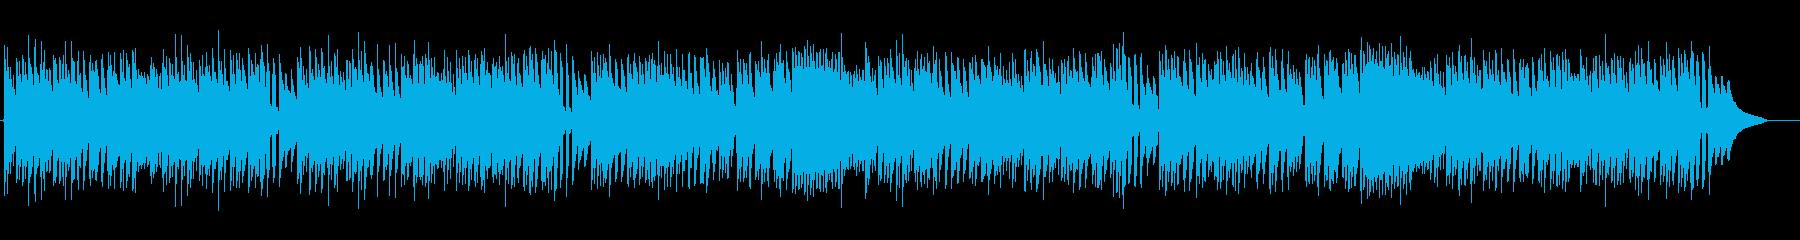 結婚式バッハメヌエット116チェンバロの再生済みの波形